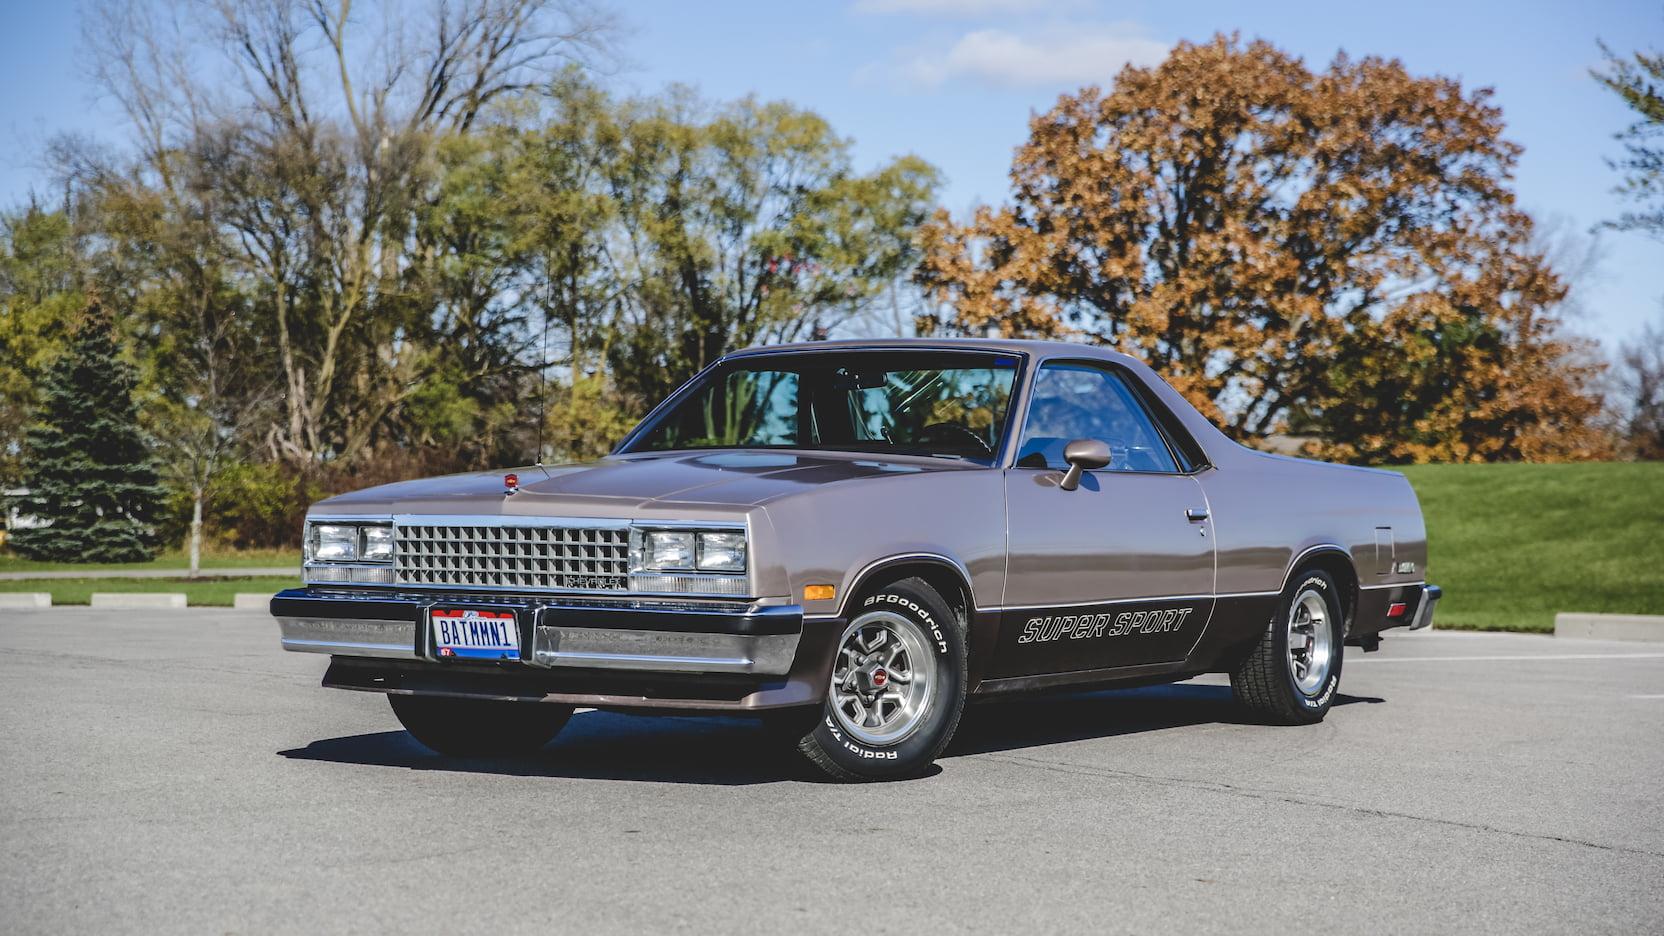 1983 Chevrolet El Camino SS 3/4 front